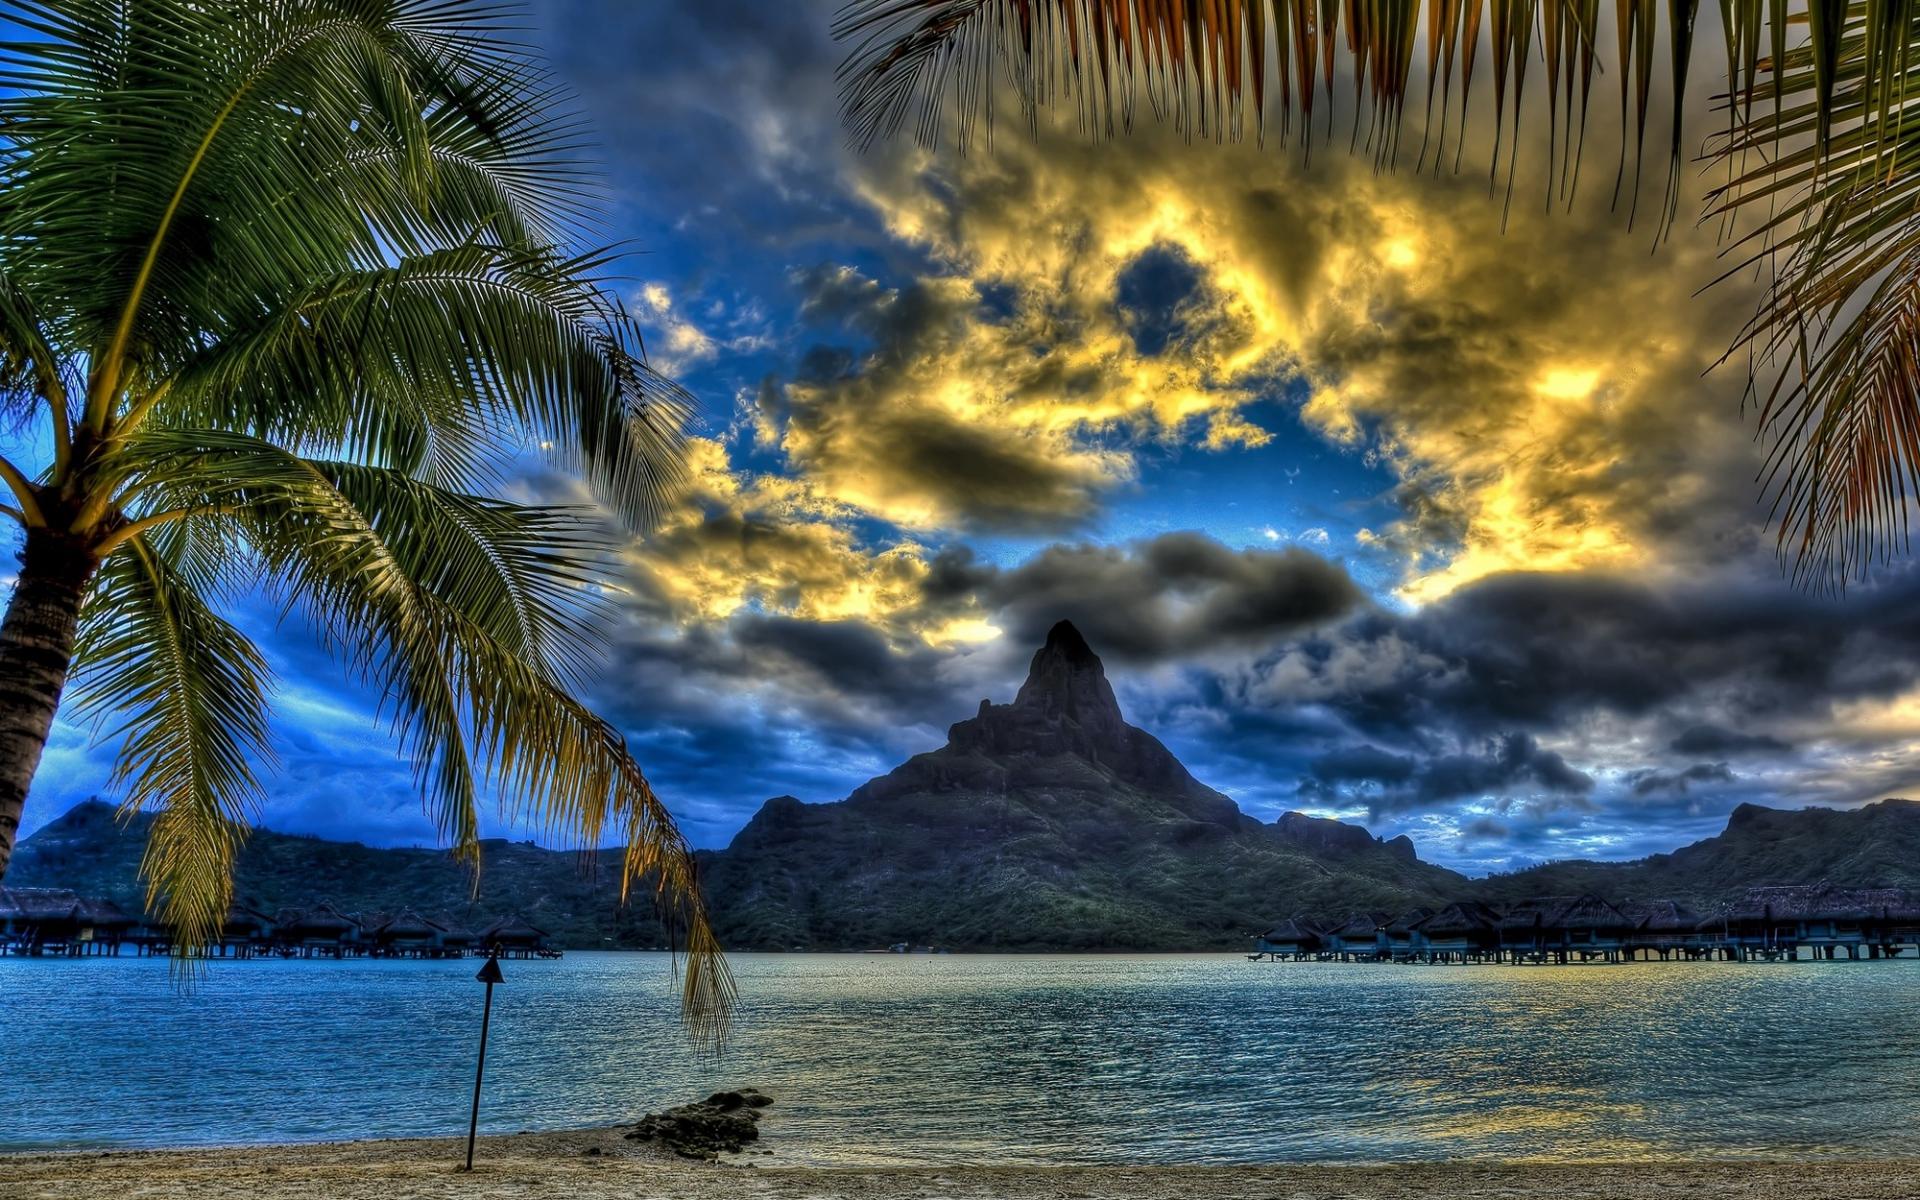 Картинки Пляж, море, горы, вершина, облака, пальмы, песок, ветки фото и обои на рабочий стол